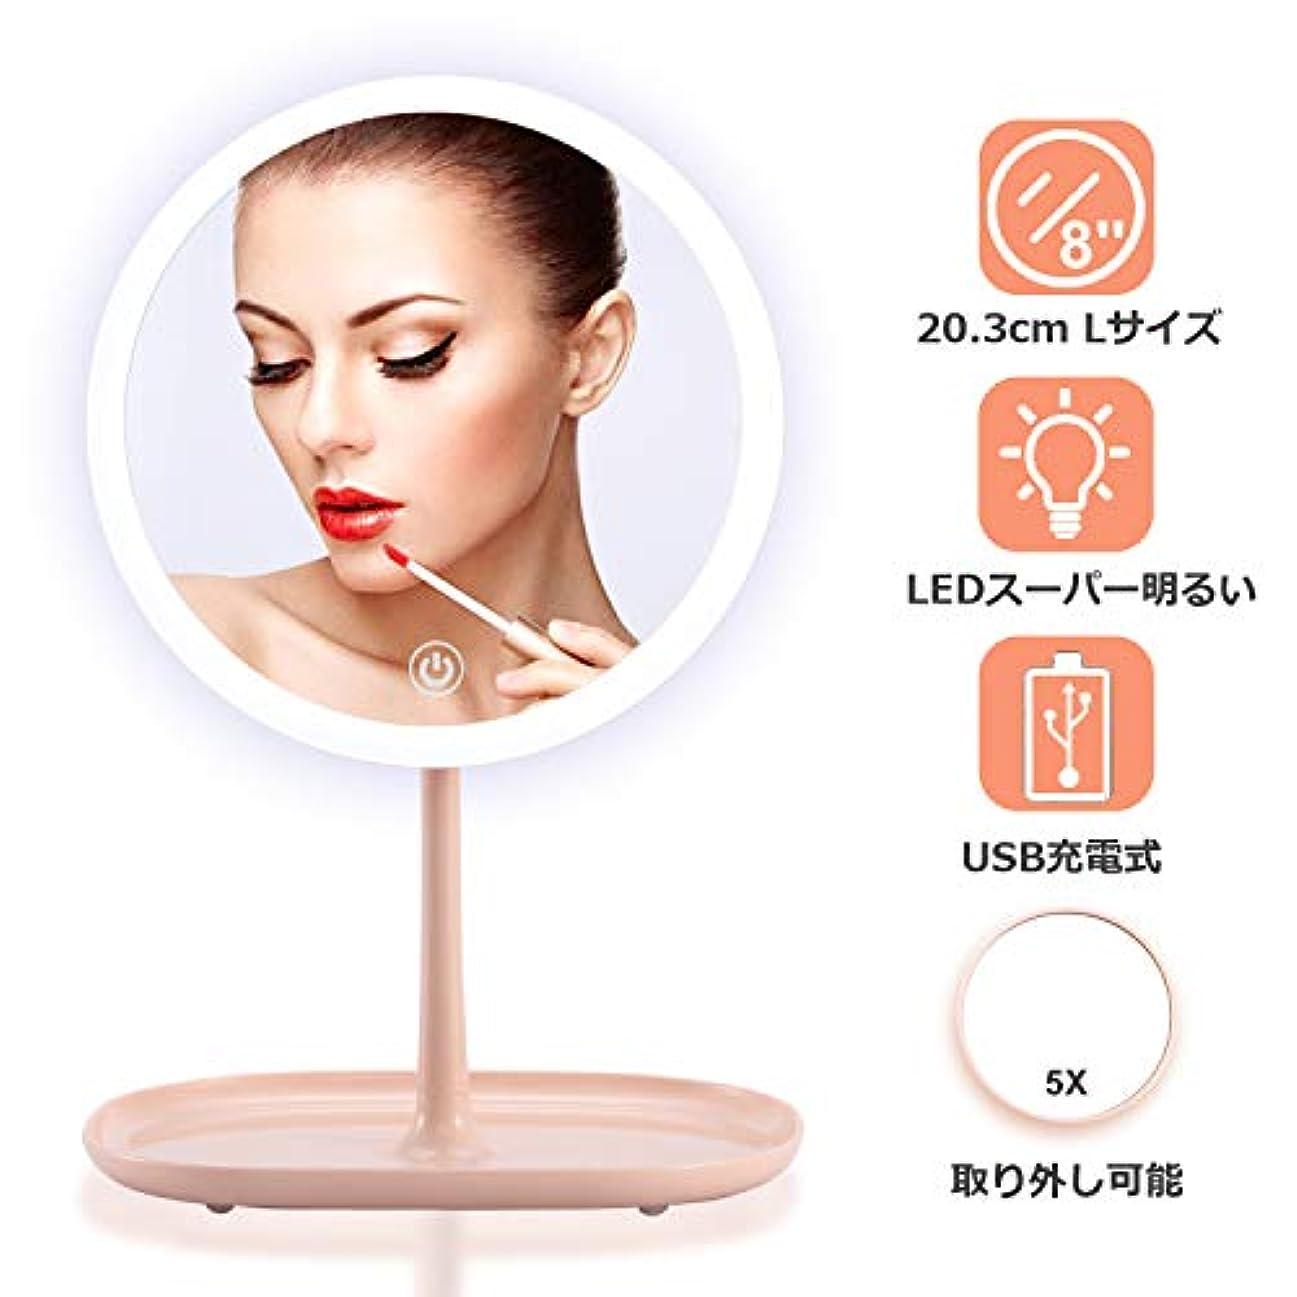 作家クリープ太陽化粧鏡 卓上ミラー 女優ミラー LEDミラー スタンドミラー USB充電式 5倍拡大鏡付き 明るさ階調節可能 90°回転 鏡面Φ203mm